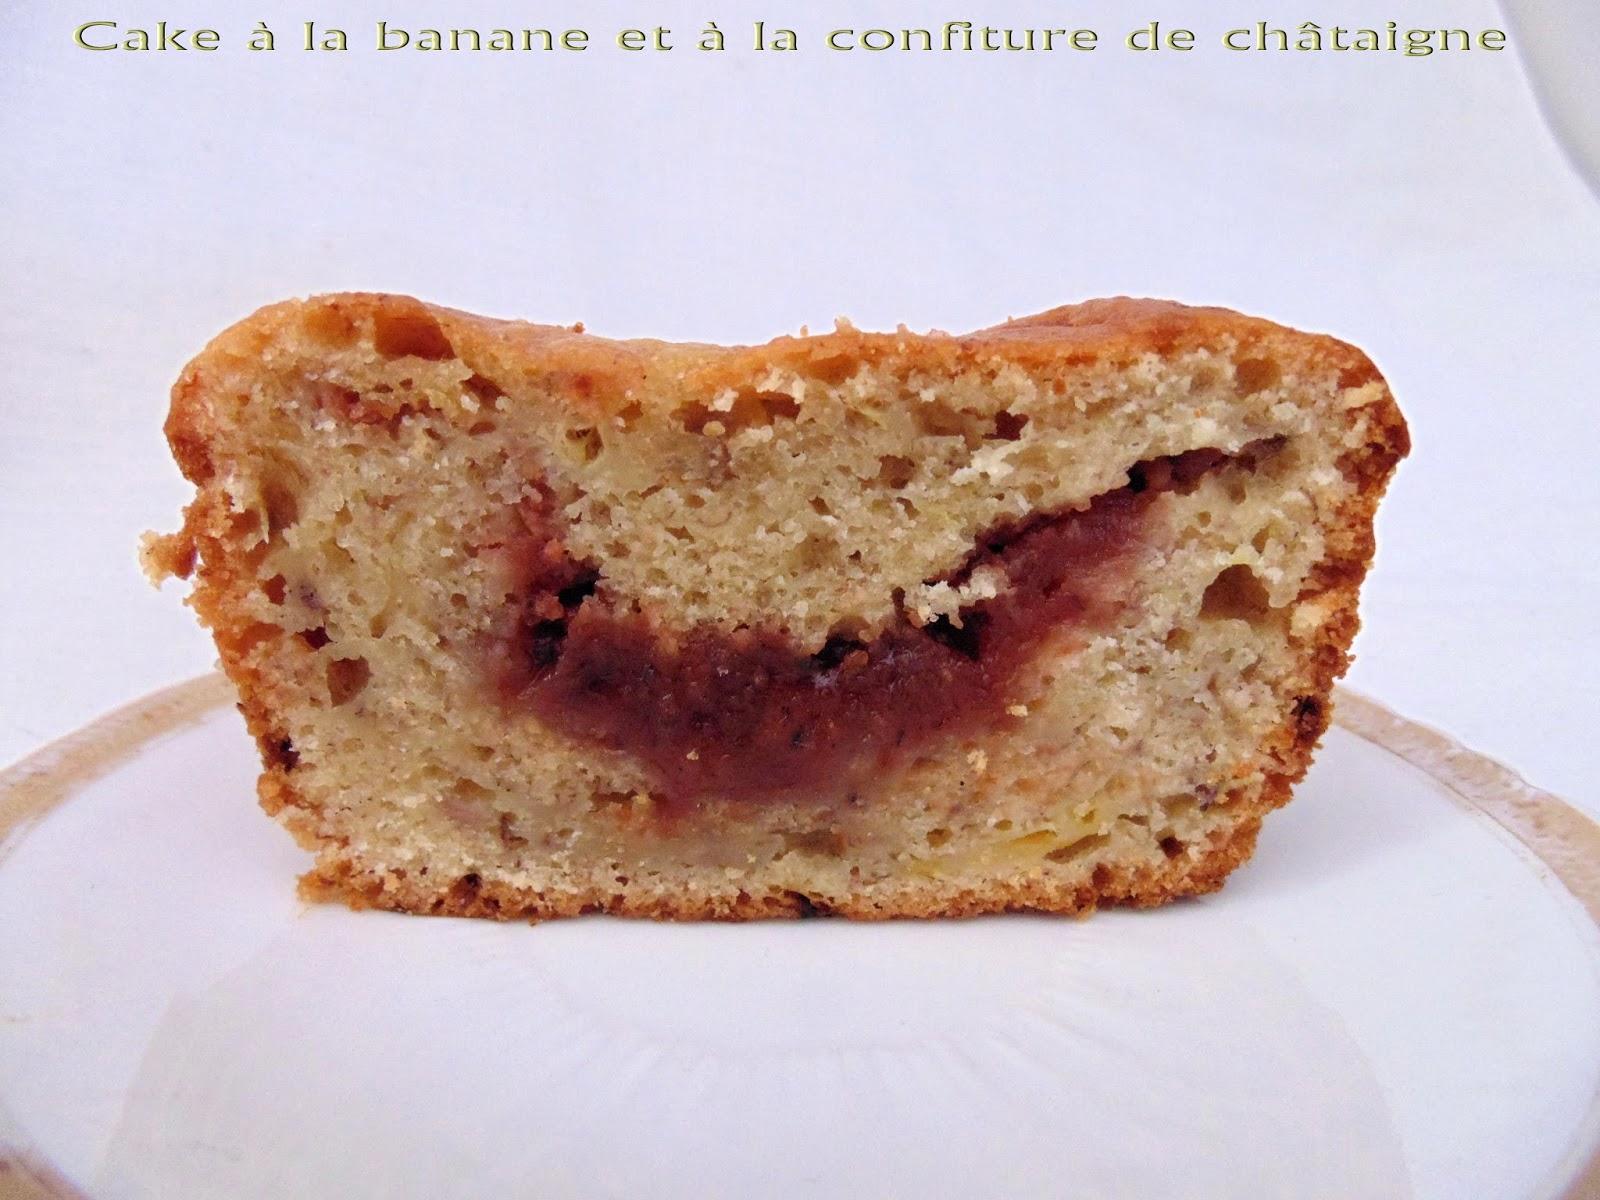 Cake Banane Ki Recipe Dikhao: Love Cakes: Cake à La Banane Et à La